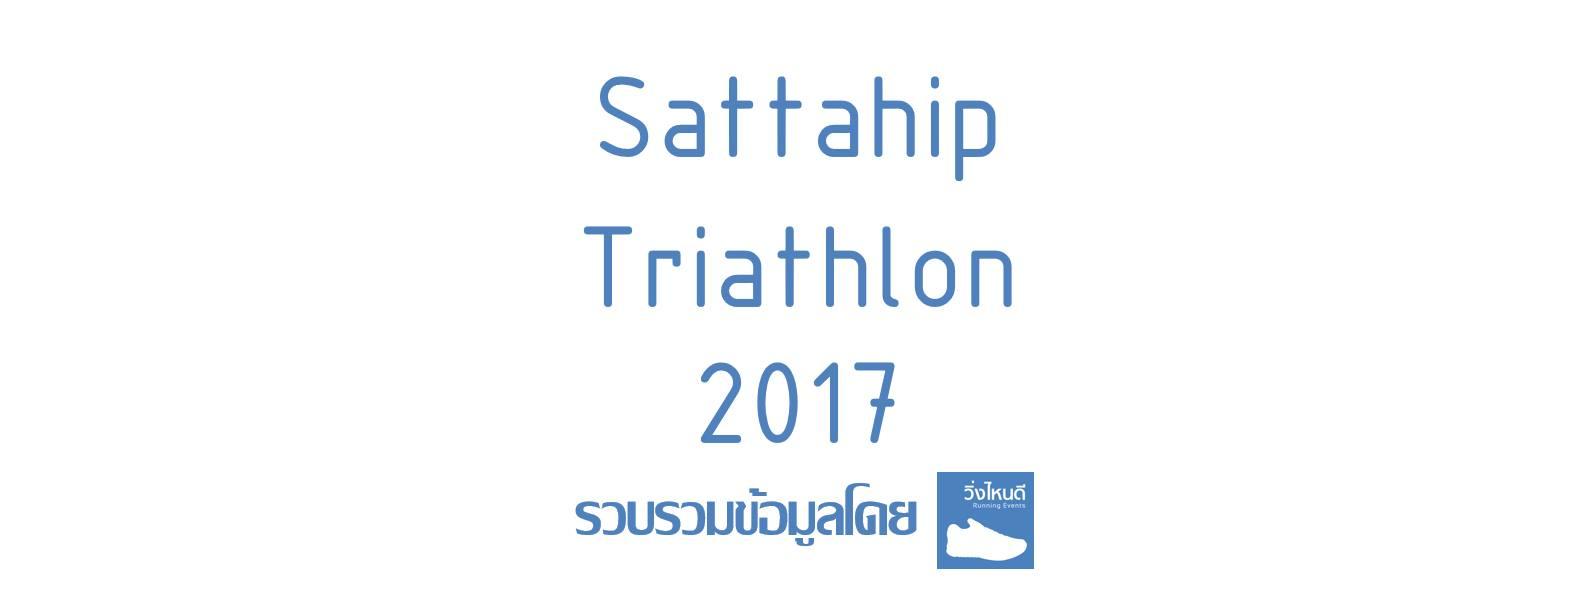 Sattahip Triathlon 2017